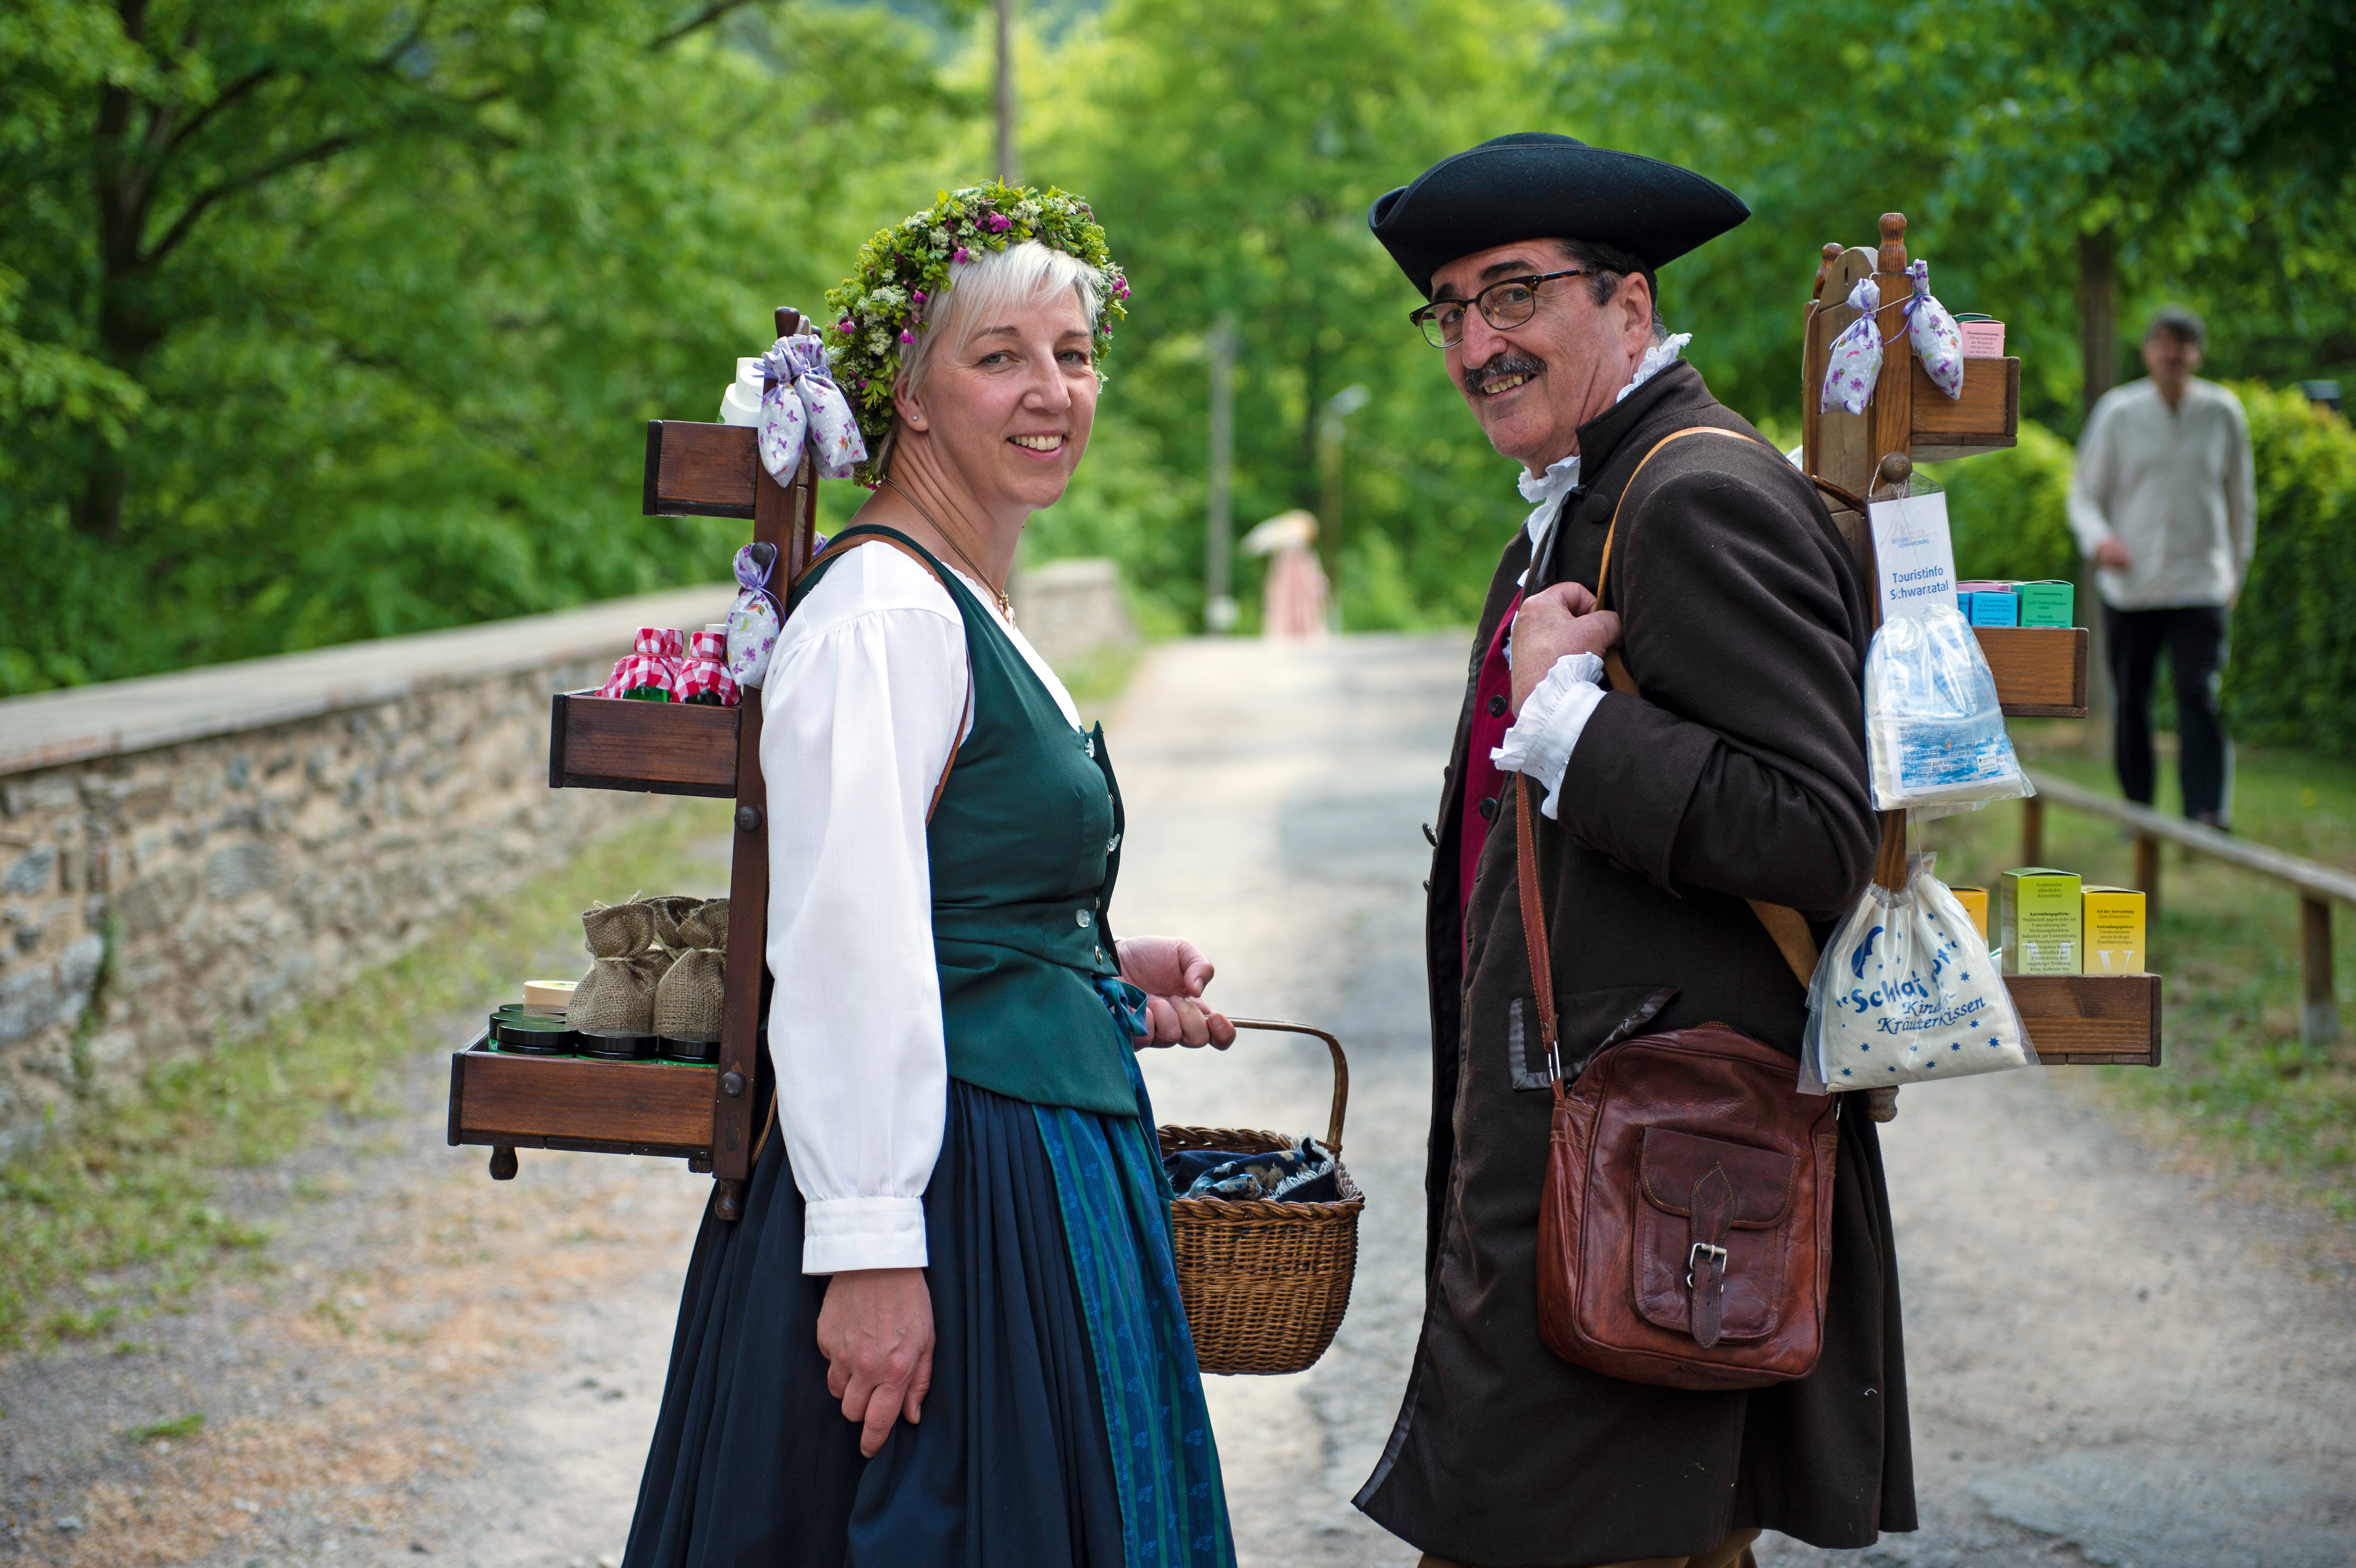 Kräuterfrau Katharina Eichhorn und Buckelapotheker Gerd Eberhardt © Dörte Hagenguth